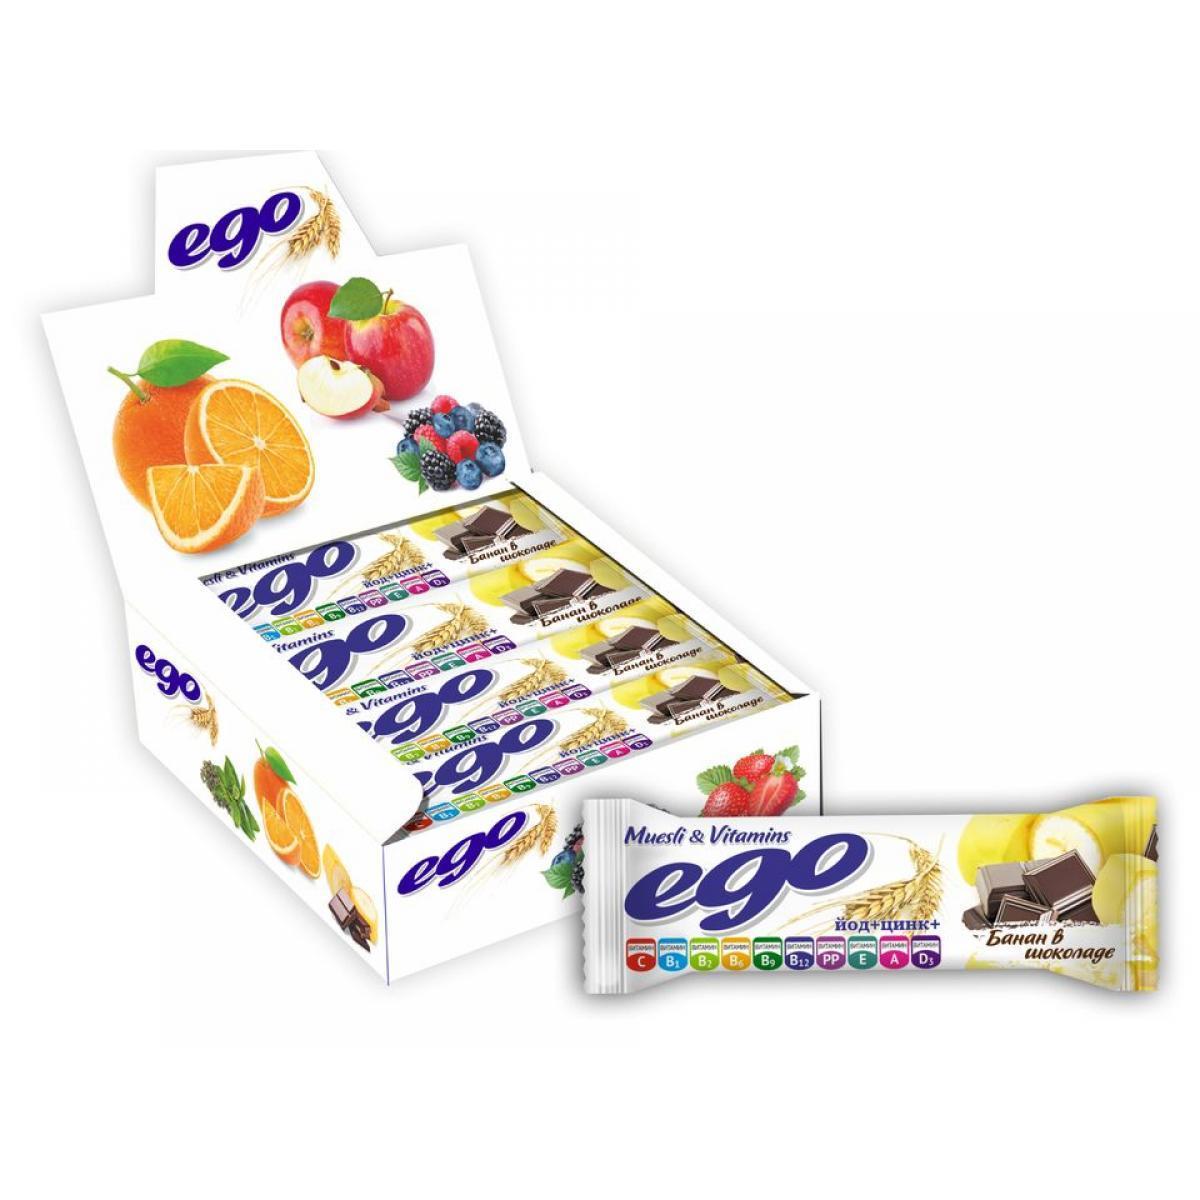 Батончик мюсли Ego бад банан с йодом в шоколаде.